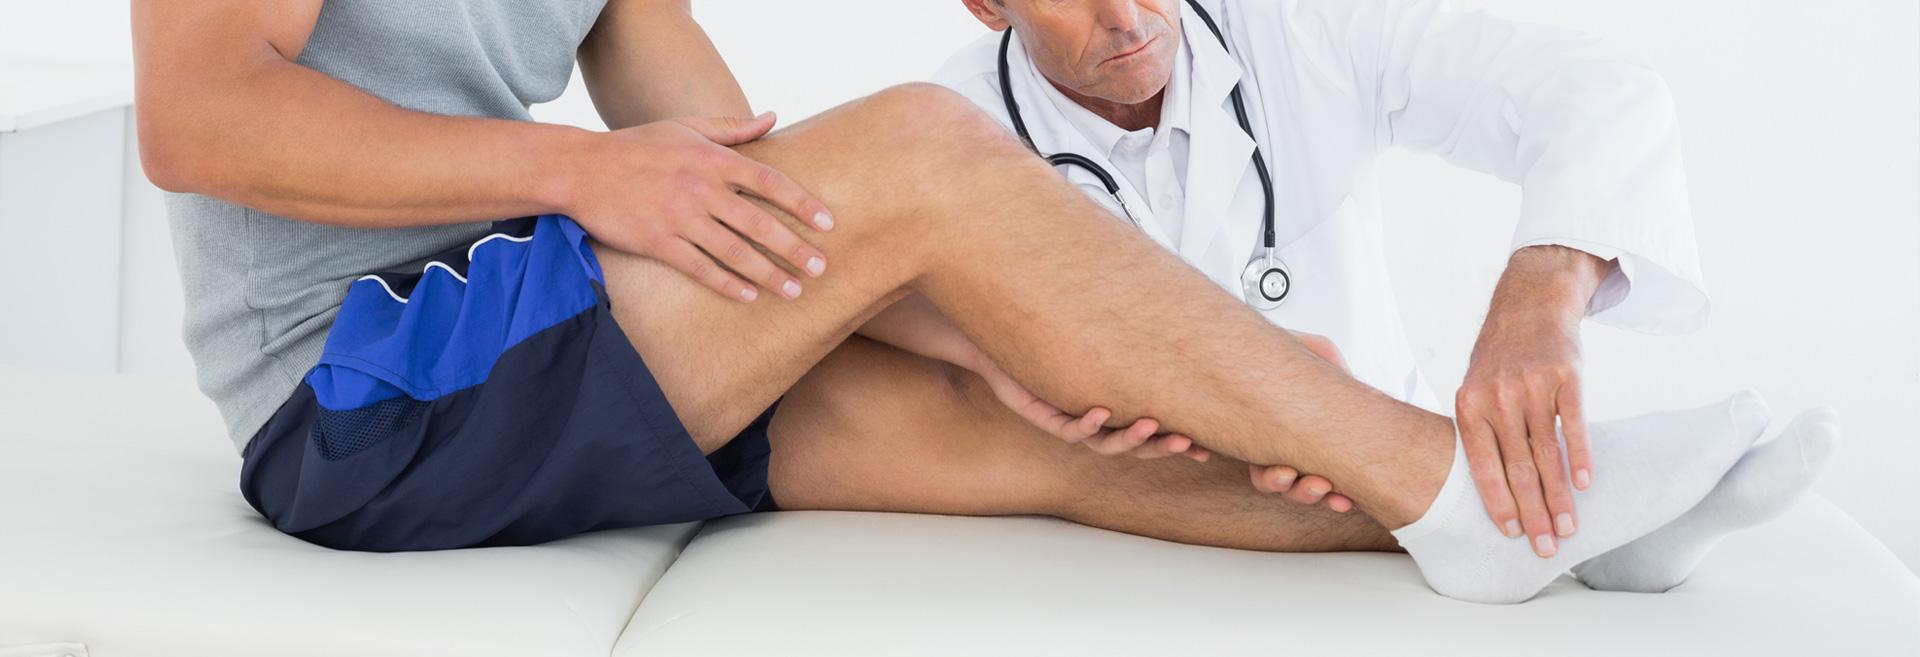 Причины увеличения предстательной железы у мужчин